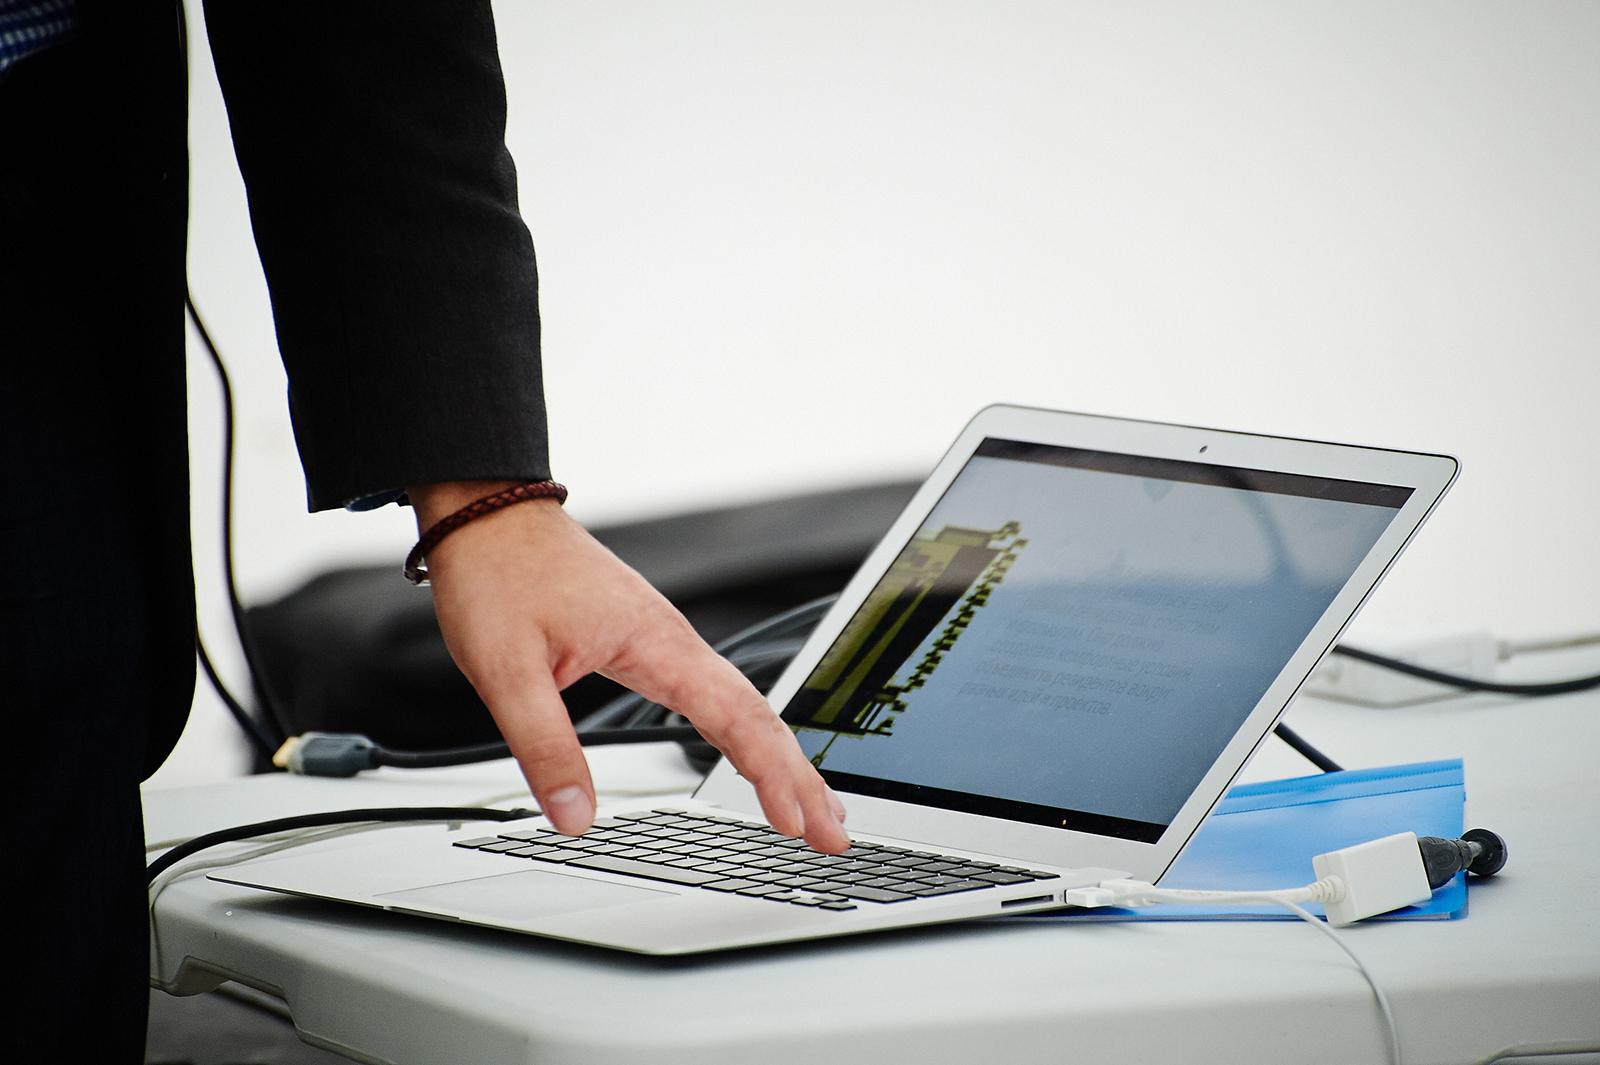 Заключить договор в режиме онлайн и получить поддержку для стартапа: как обновилась платформа i.moscow